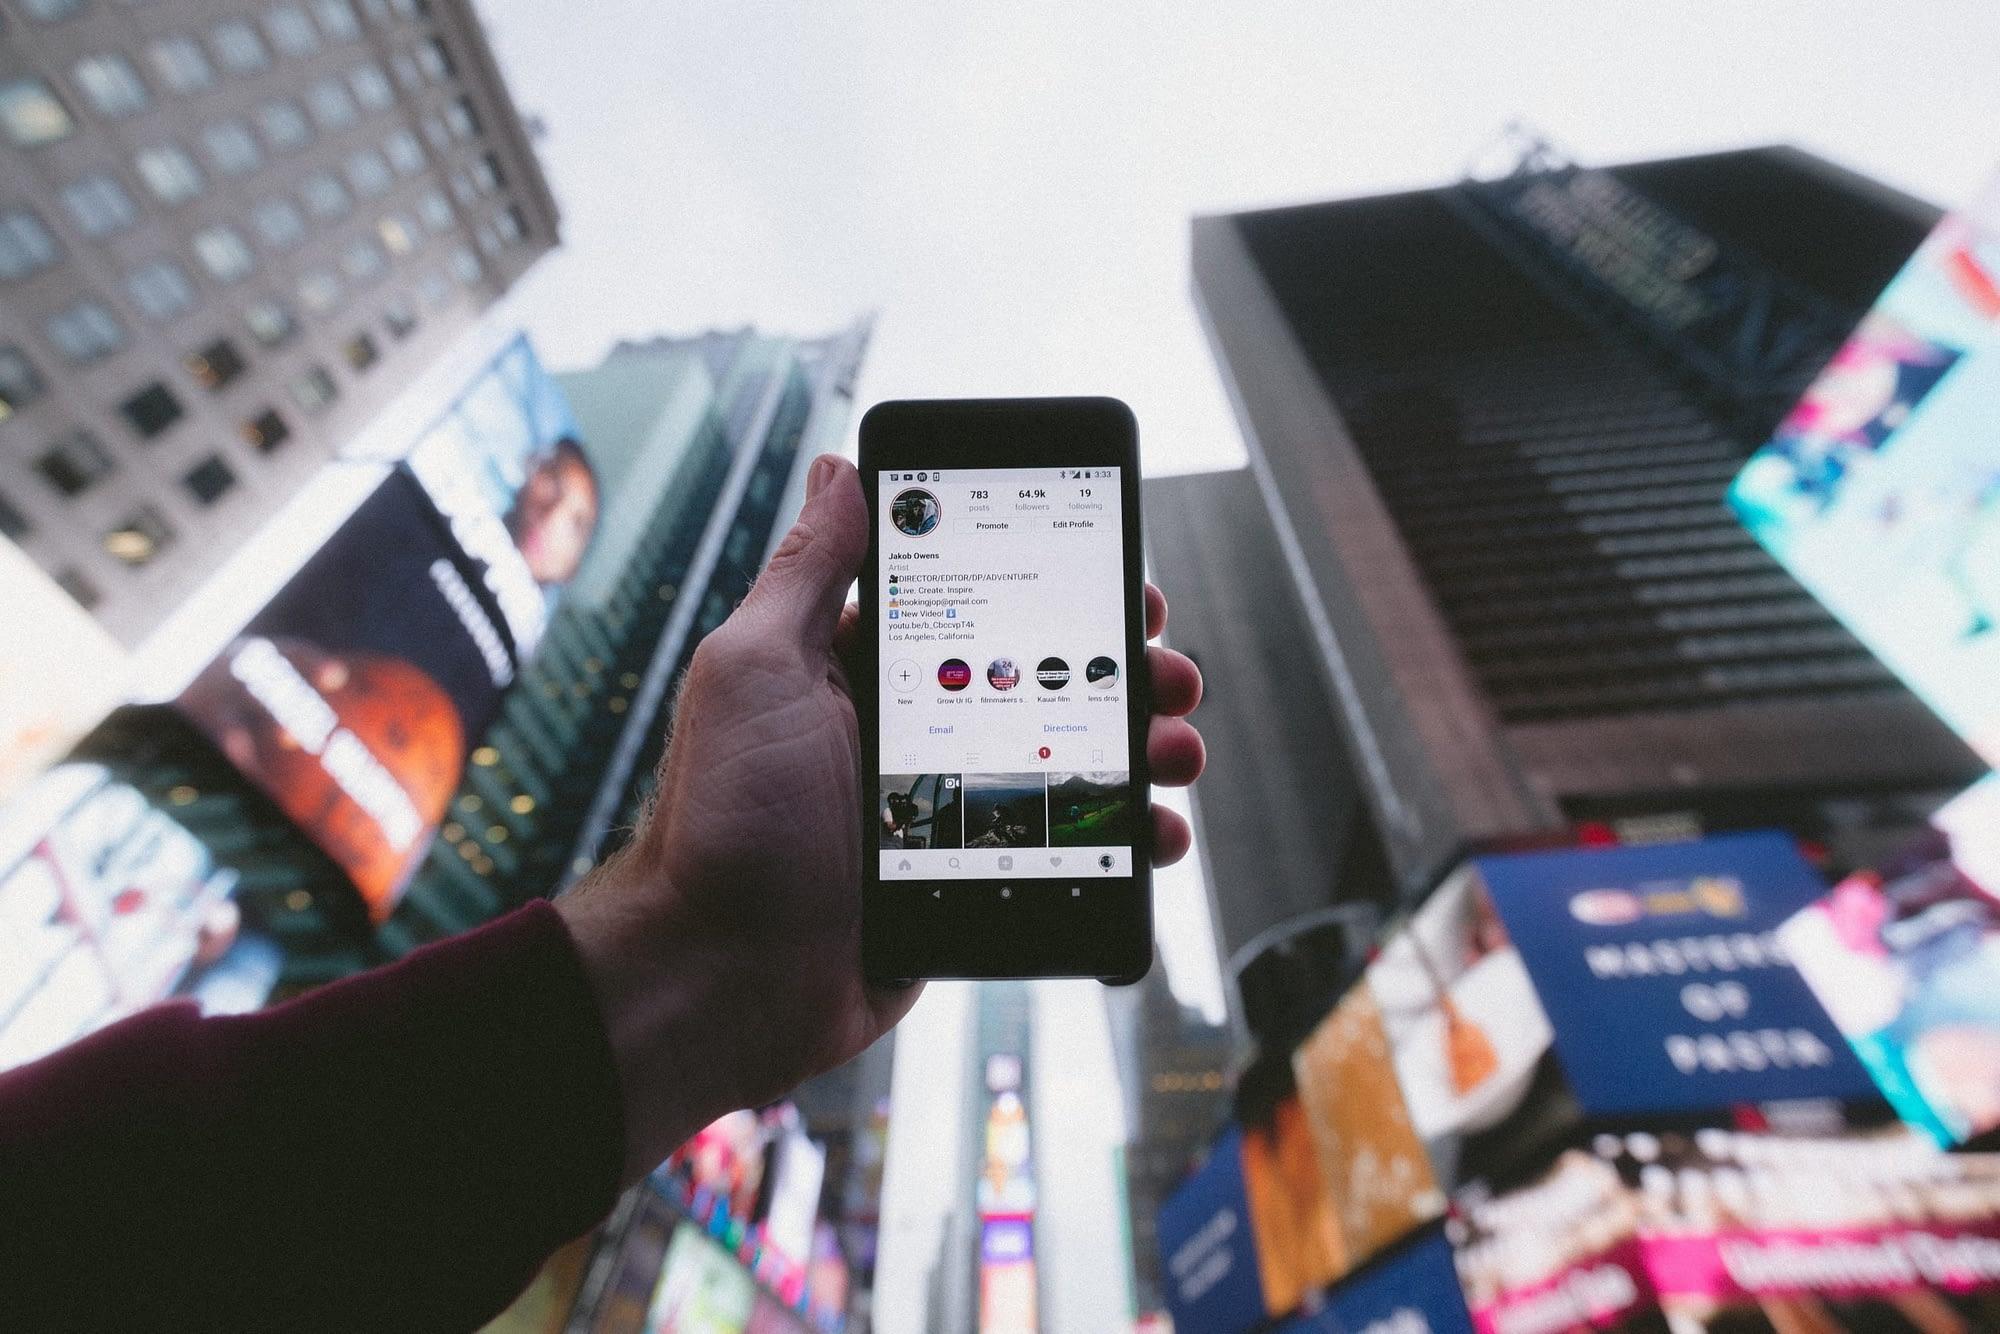 Top 5 Most Cost-Effective Digital Marketing Methods